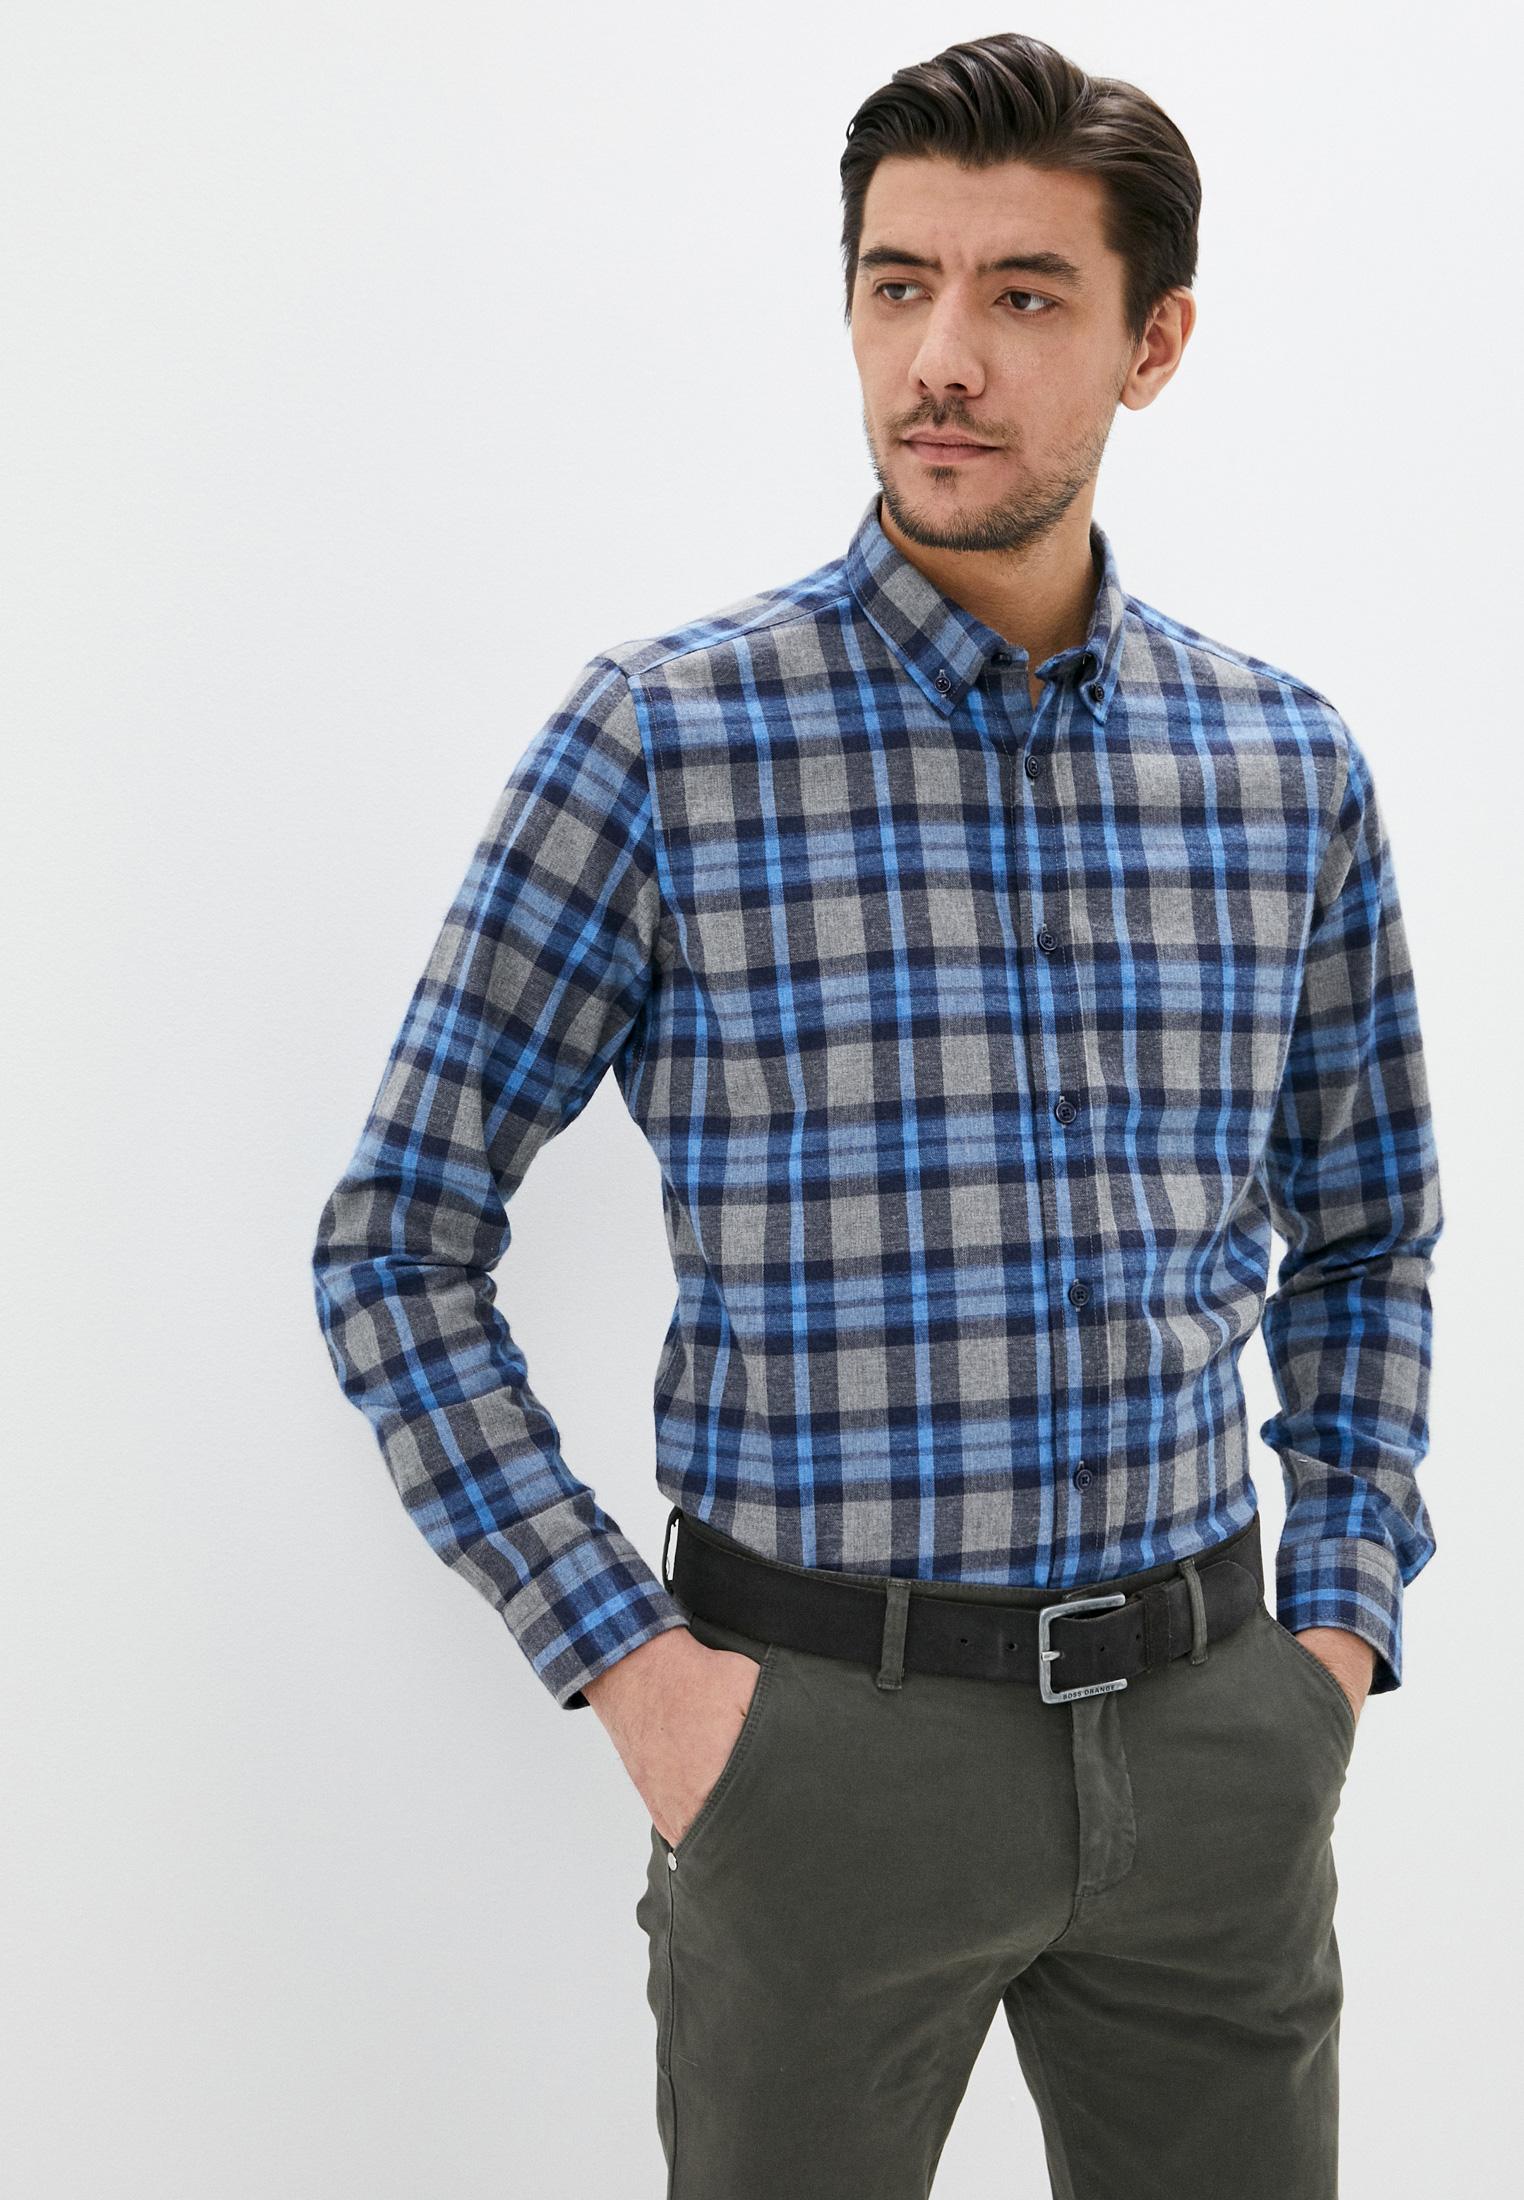 Рубашка с длинным рукавом JIMMY SANDERS (Джимми Сандерс) 20W SHM3101 NAVY